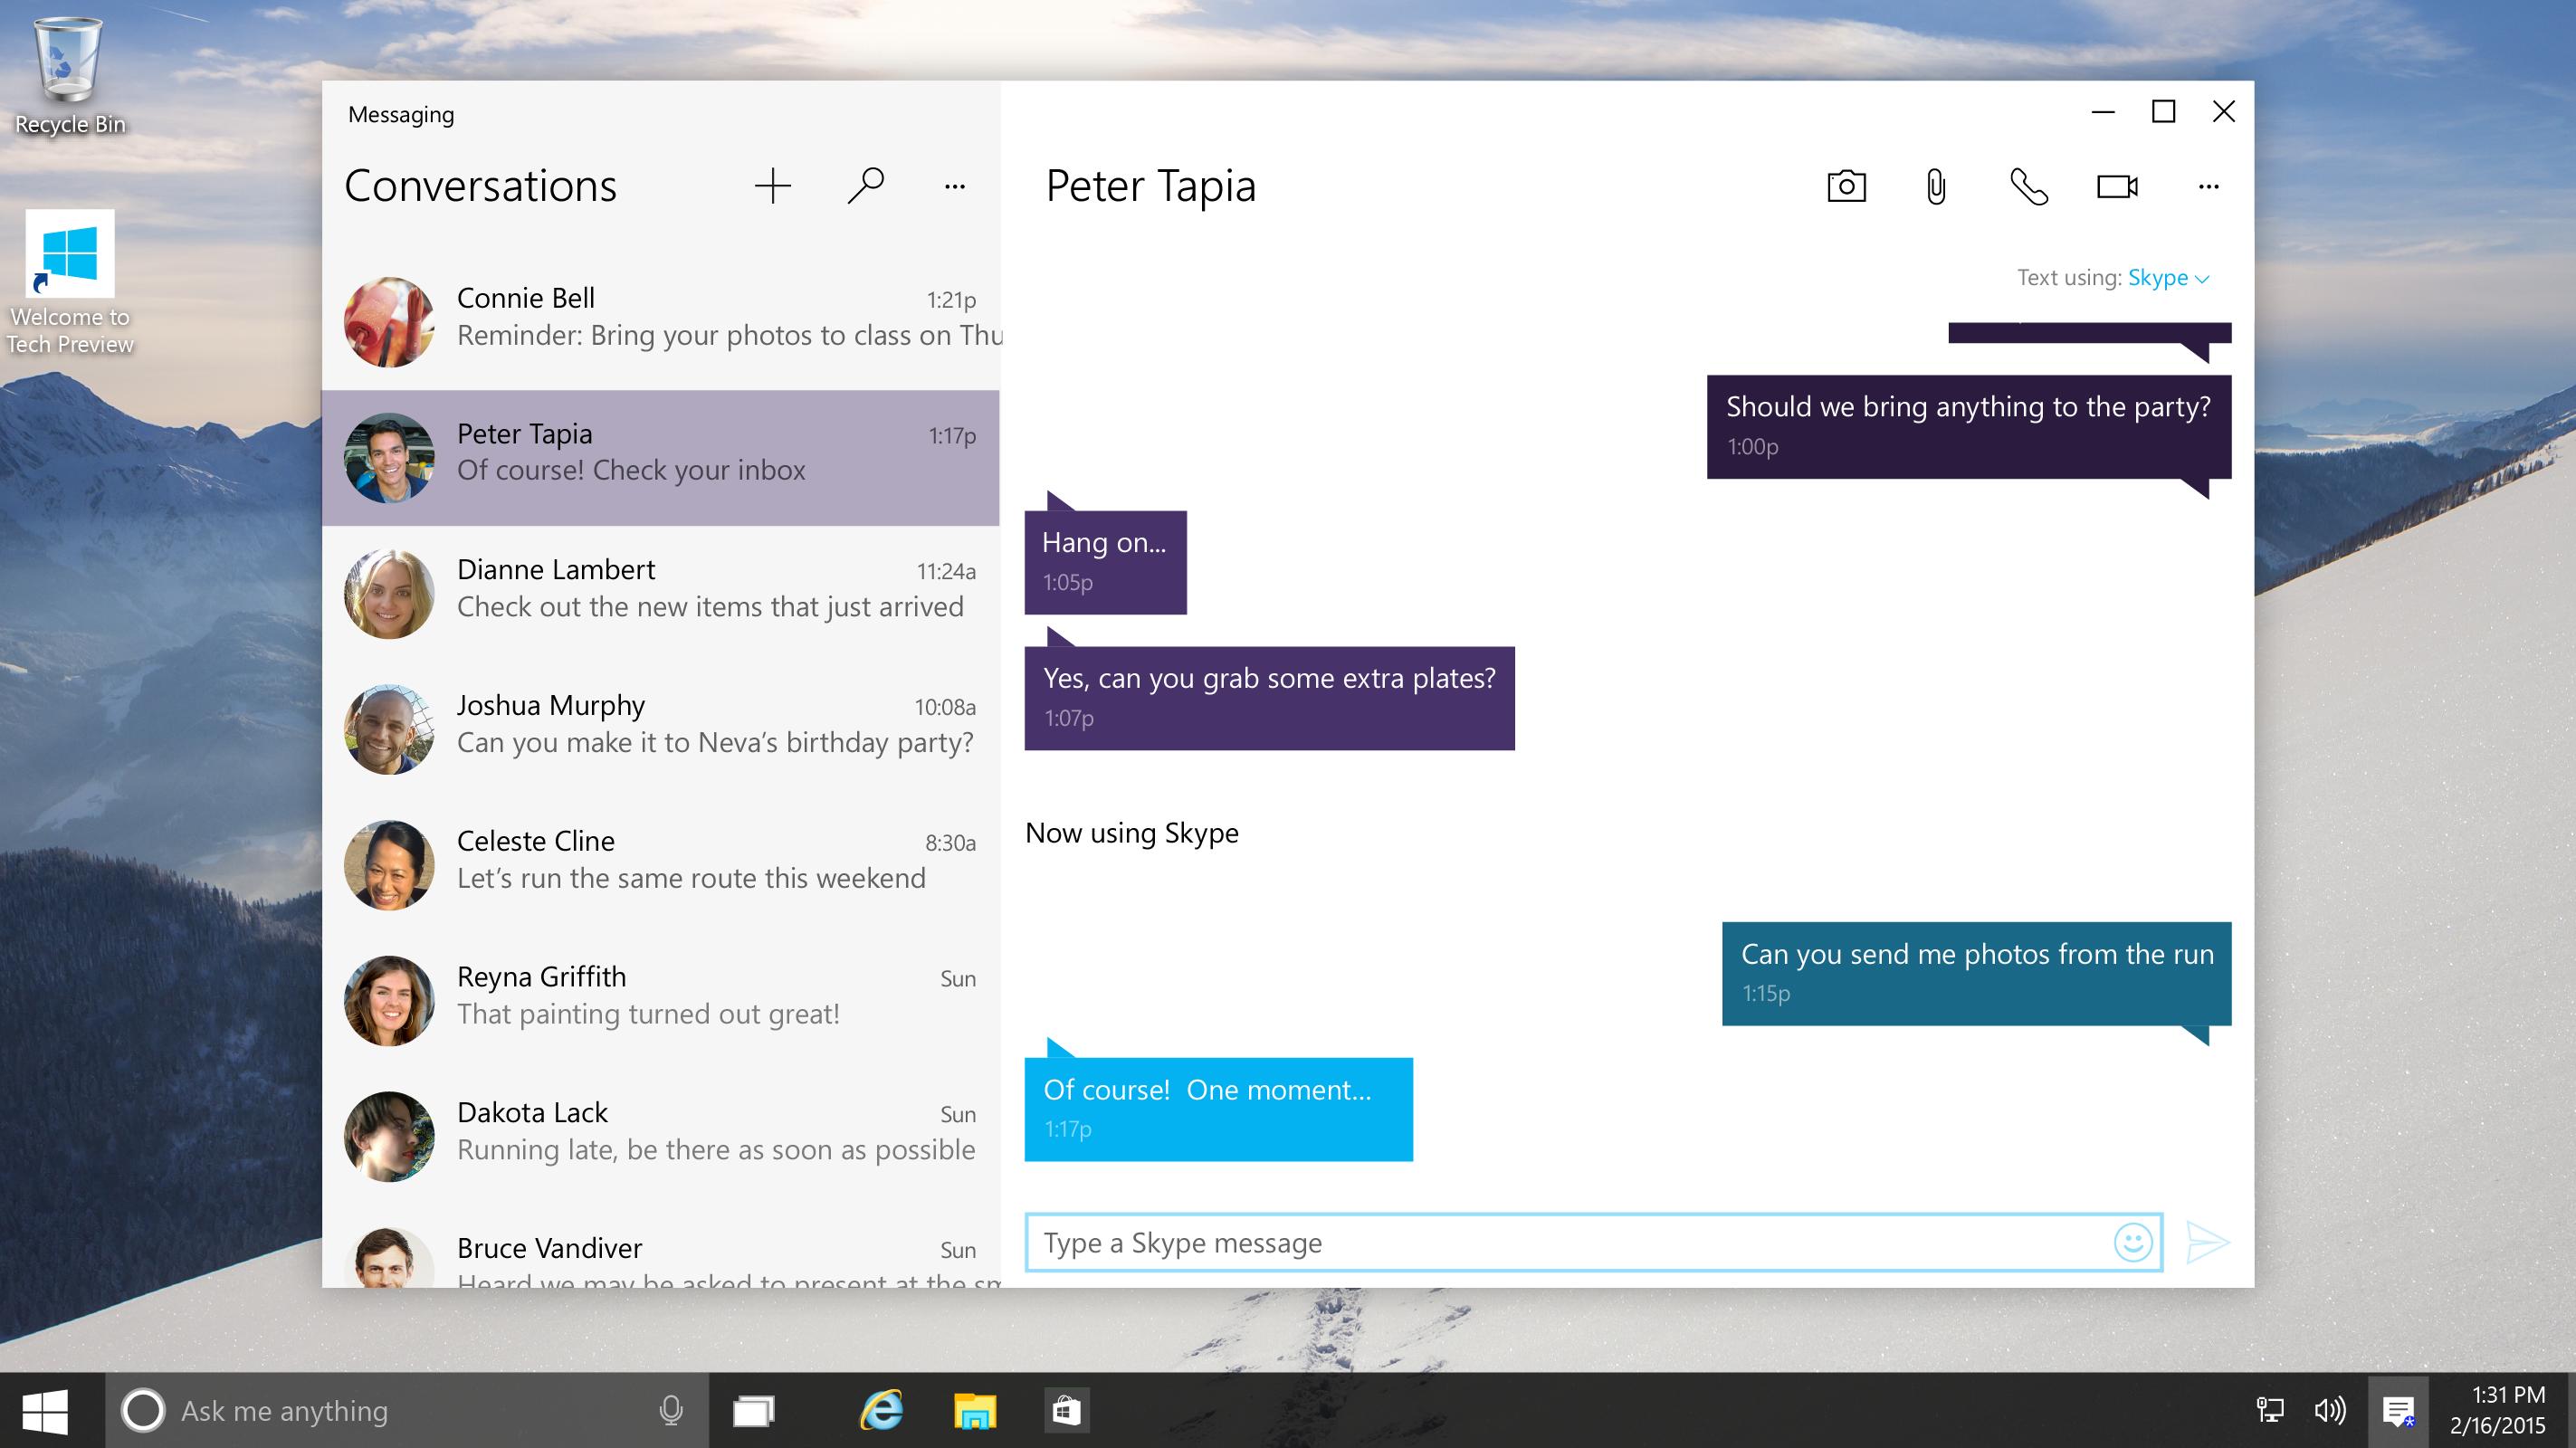 De universele Messaging-app die het vreselijke Skype moet gaan vervangen